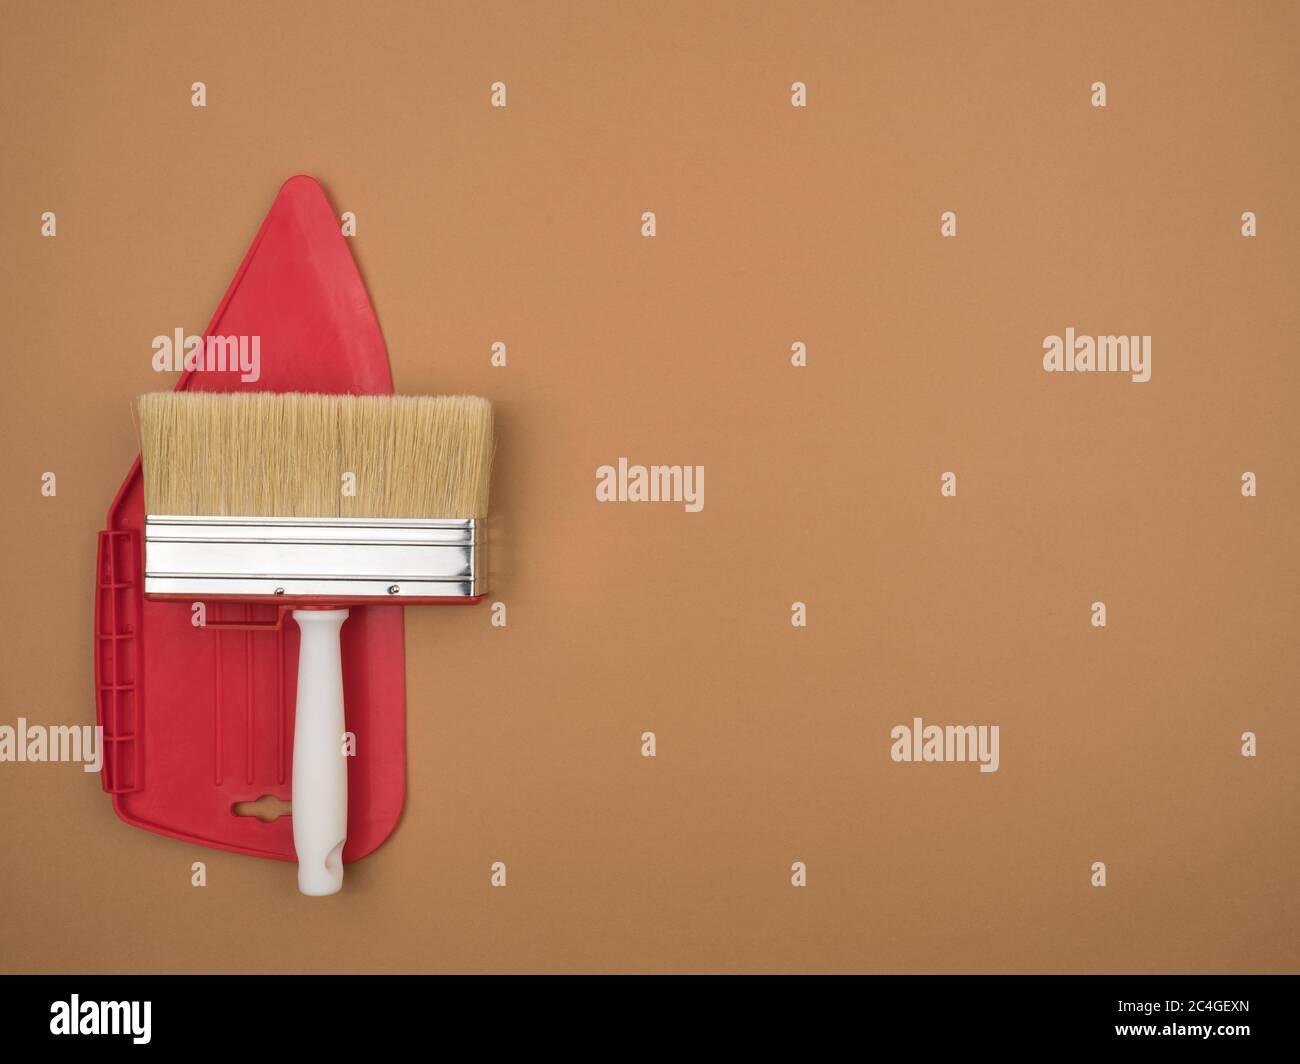 Spachtel zum Glätten von Tapeten und einem großen Pinsel. Beigefarbener Hintergrund. Stockfoto